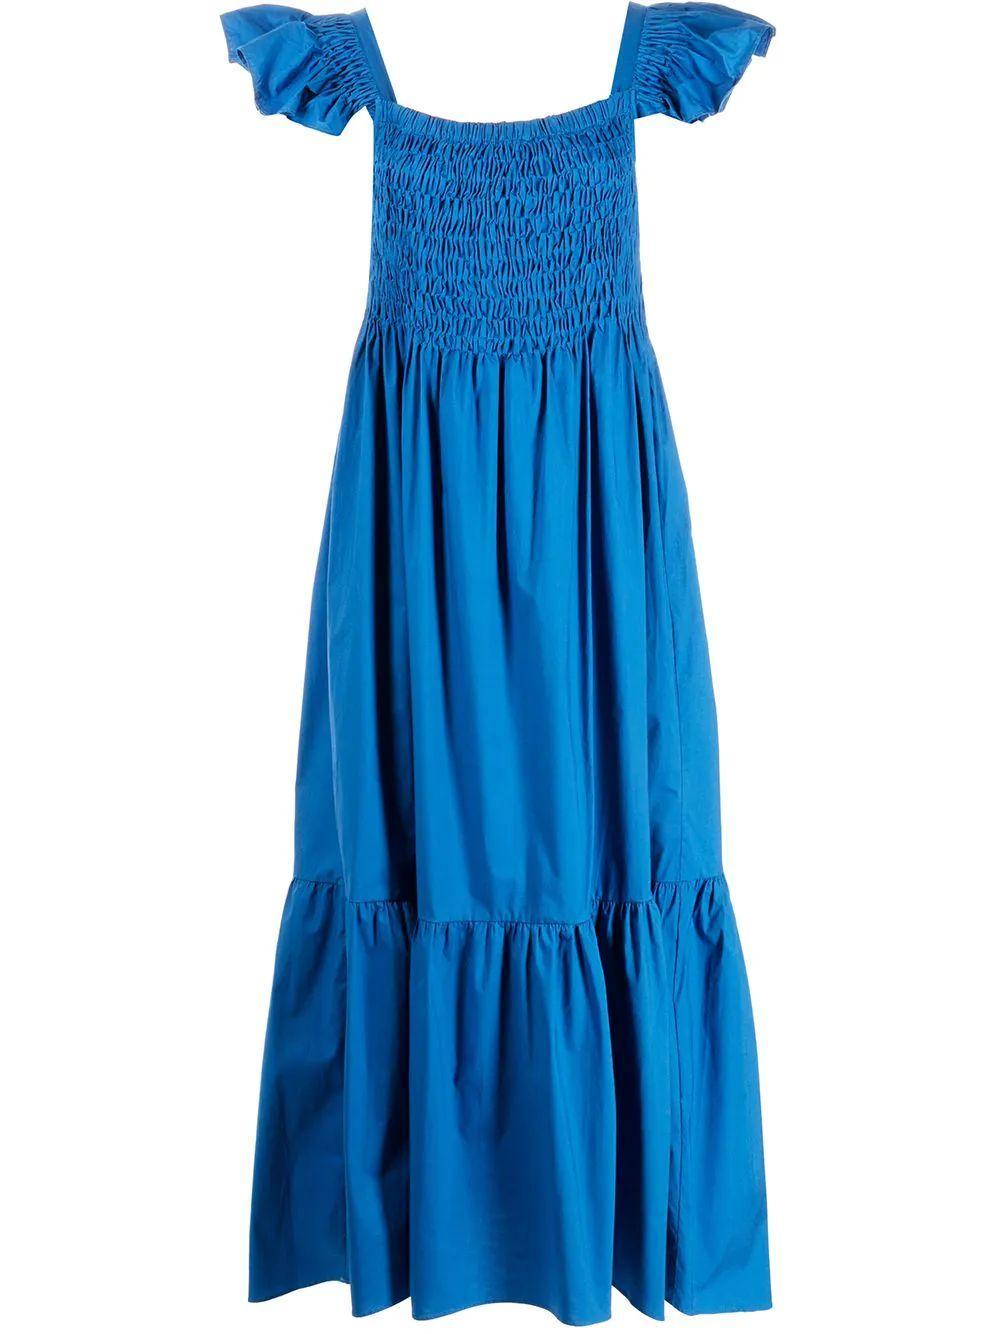 Varsha Smocked Maxi Dress